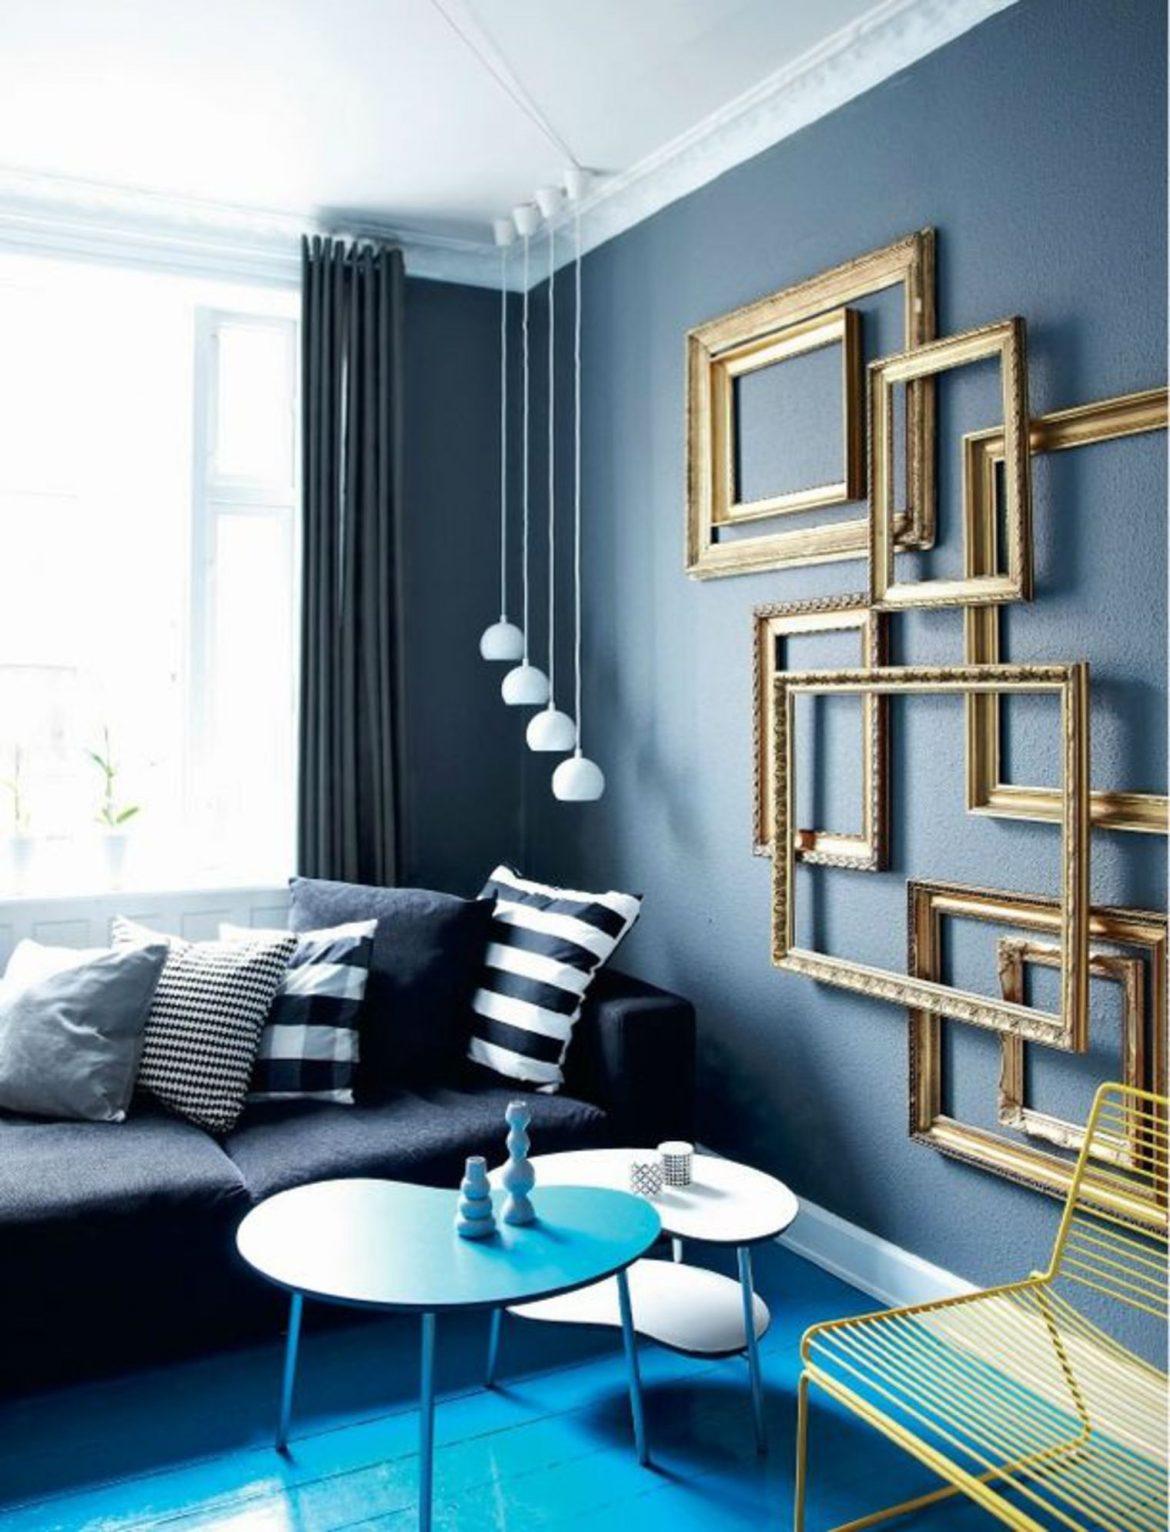 tendances design 5 tendances design pour créer des maisons au style parisien du noir releve de bleu et d or 5141179